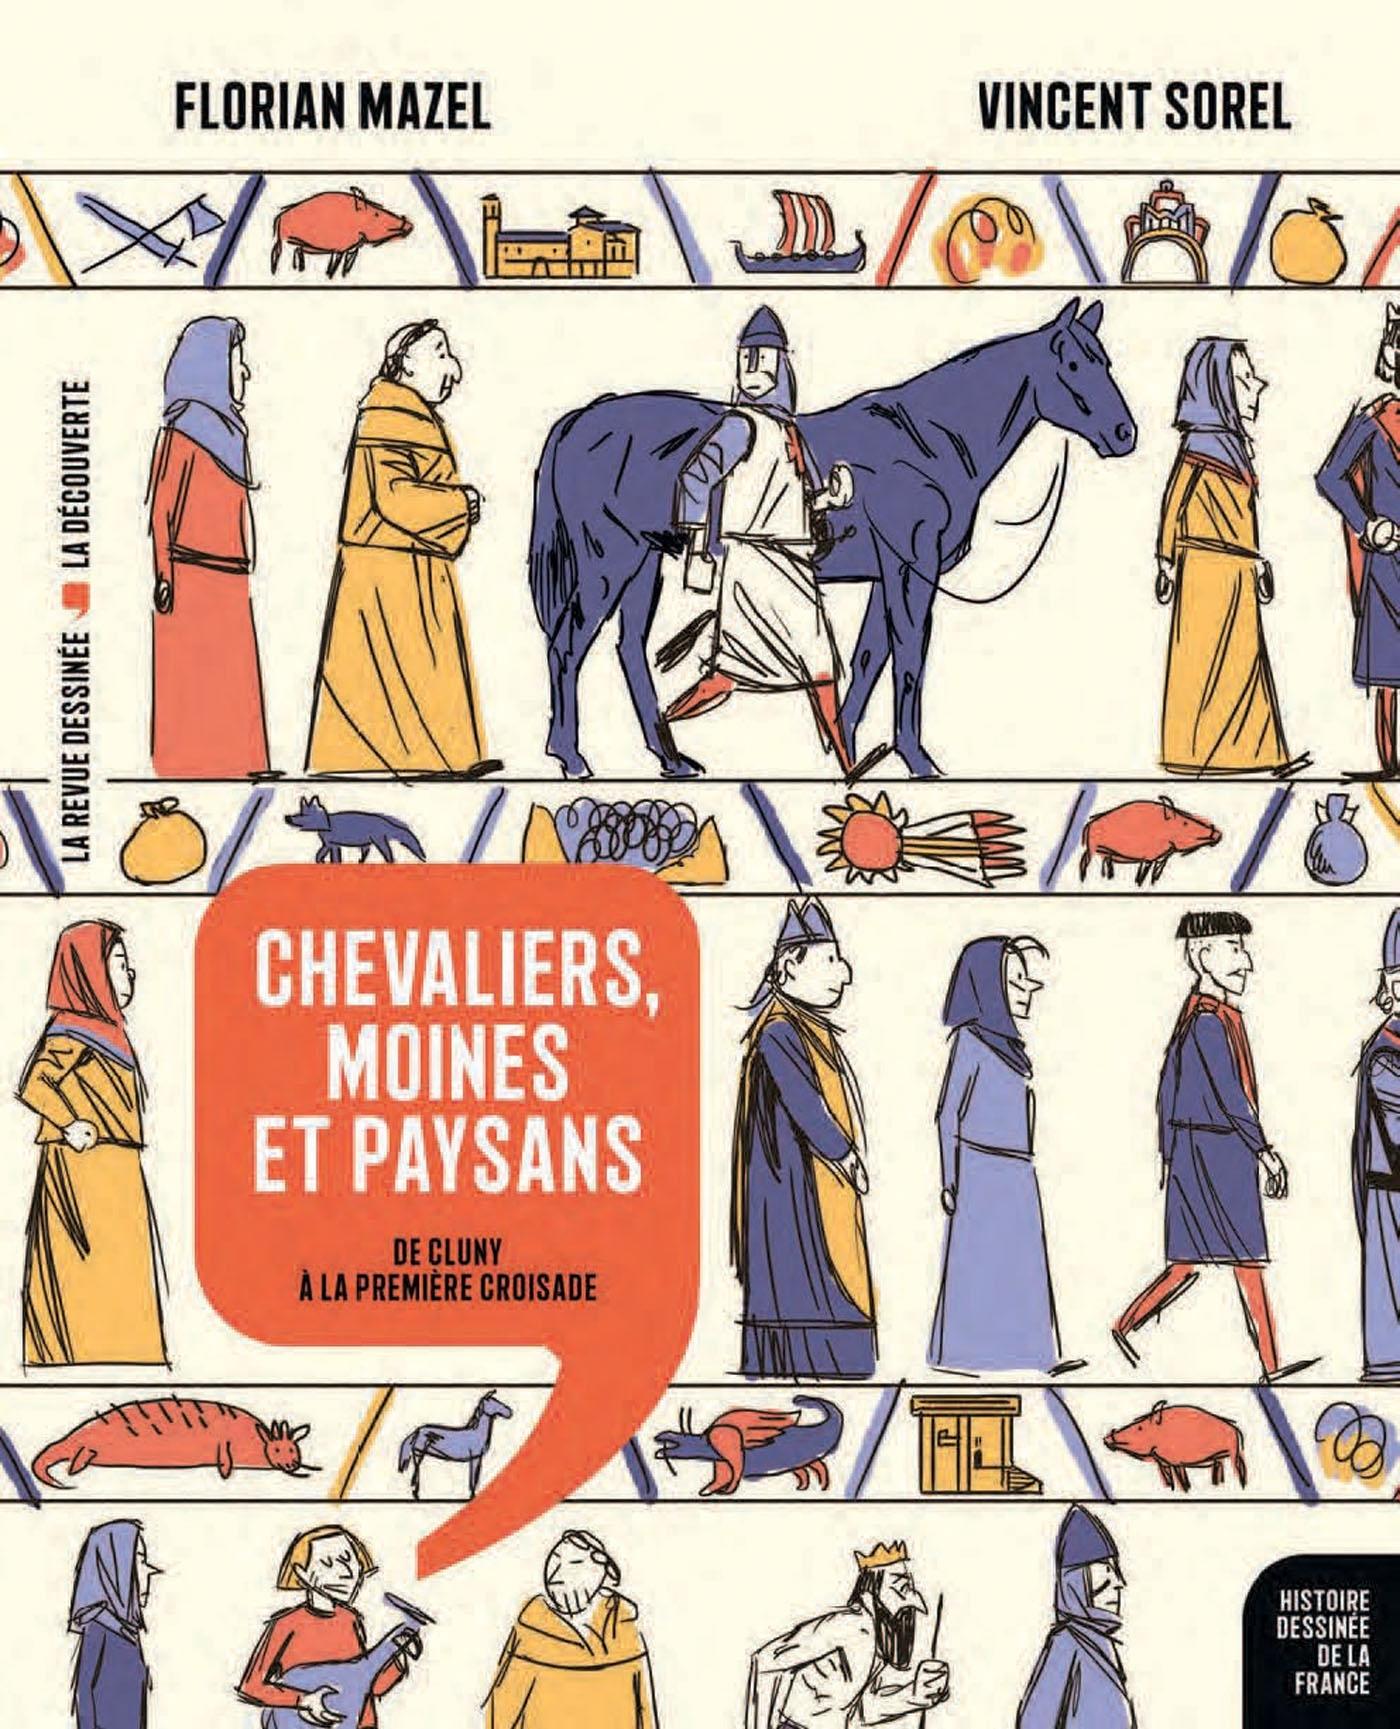 HISTOIRE DESSINEE DE LA FRANCE - T06 - CHEVALIERS, MOINES ET PAYSANS - DE CLUNY A LA PREMIERE CROISA